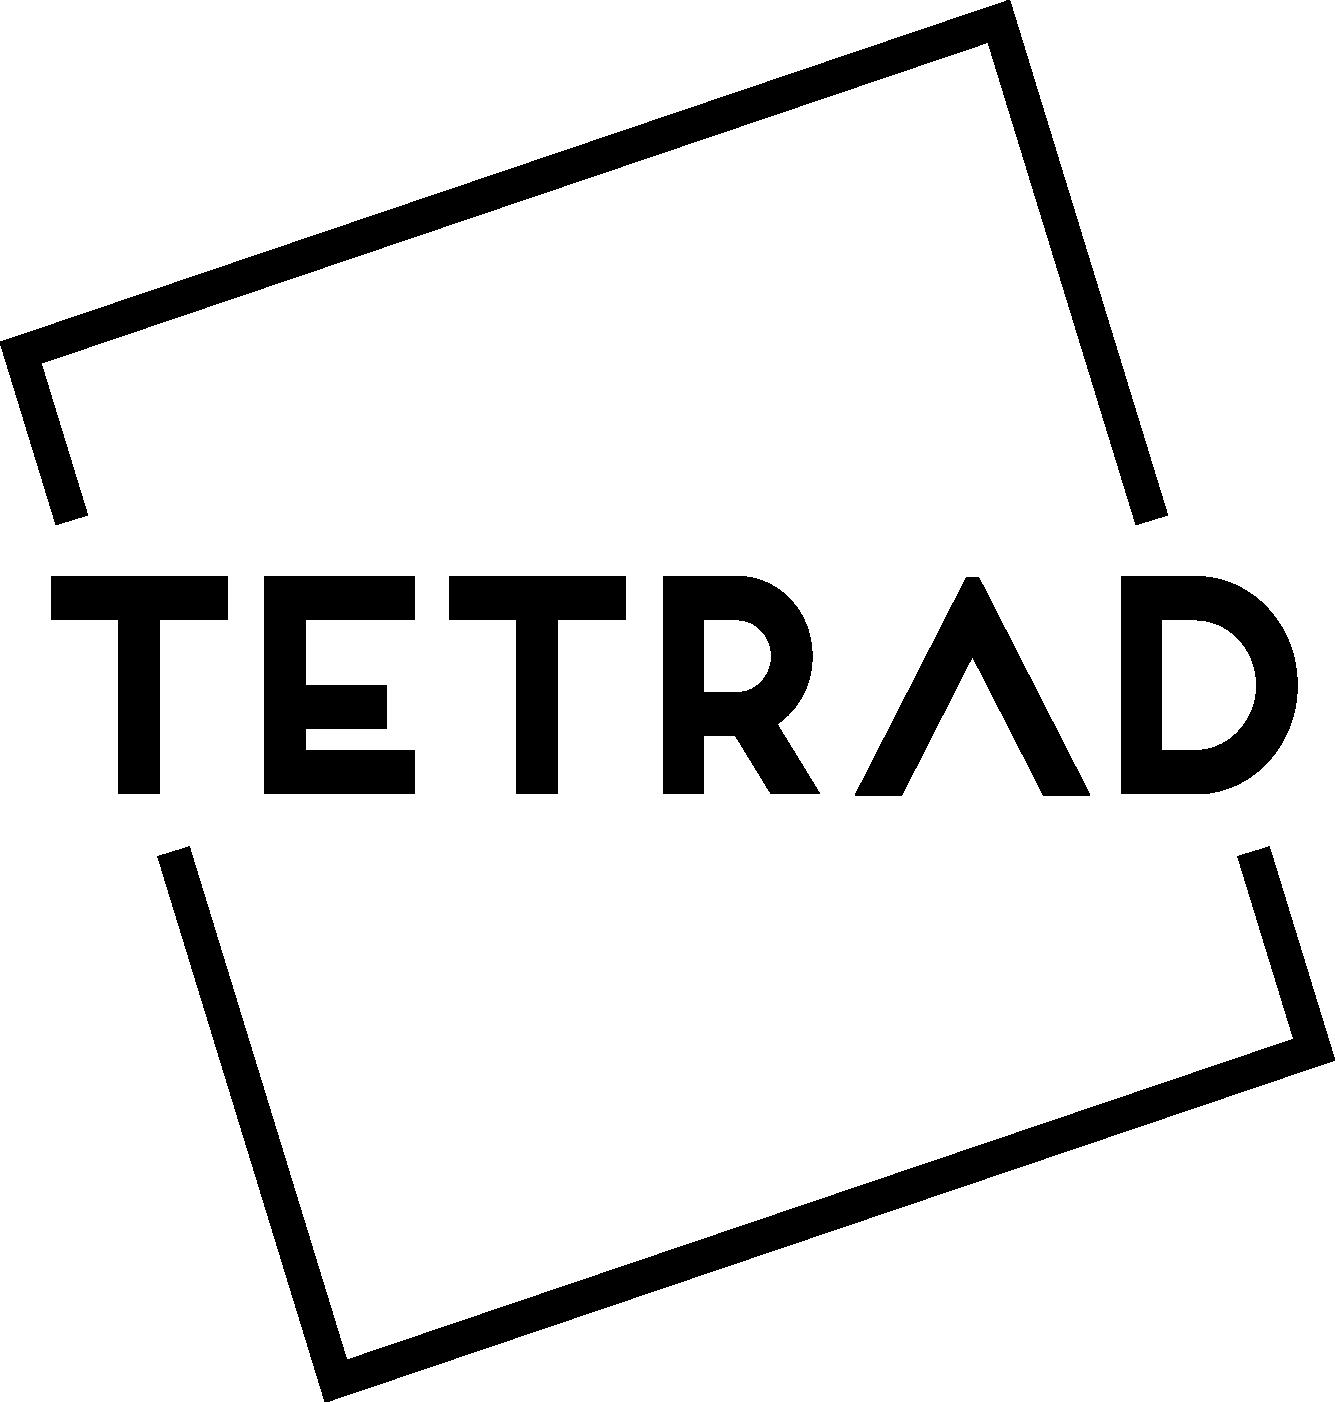 tetrad_black_nofonts.png